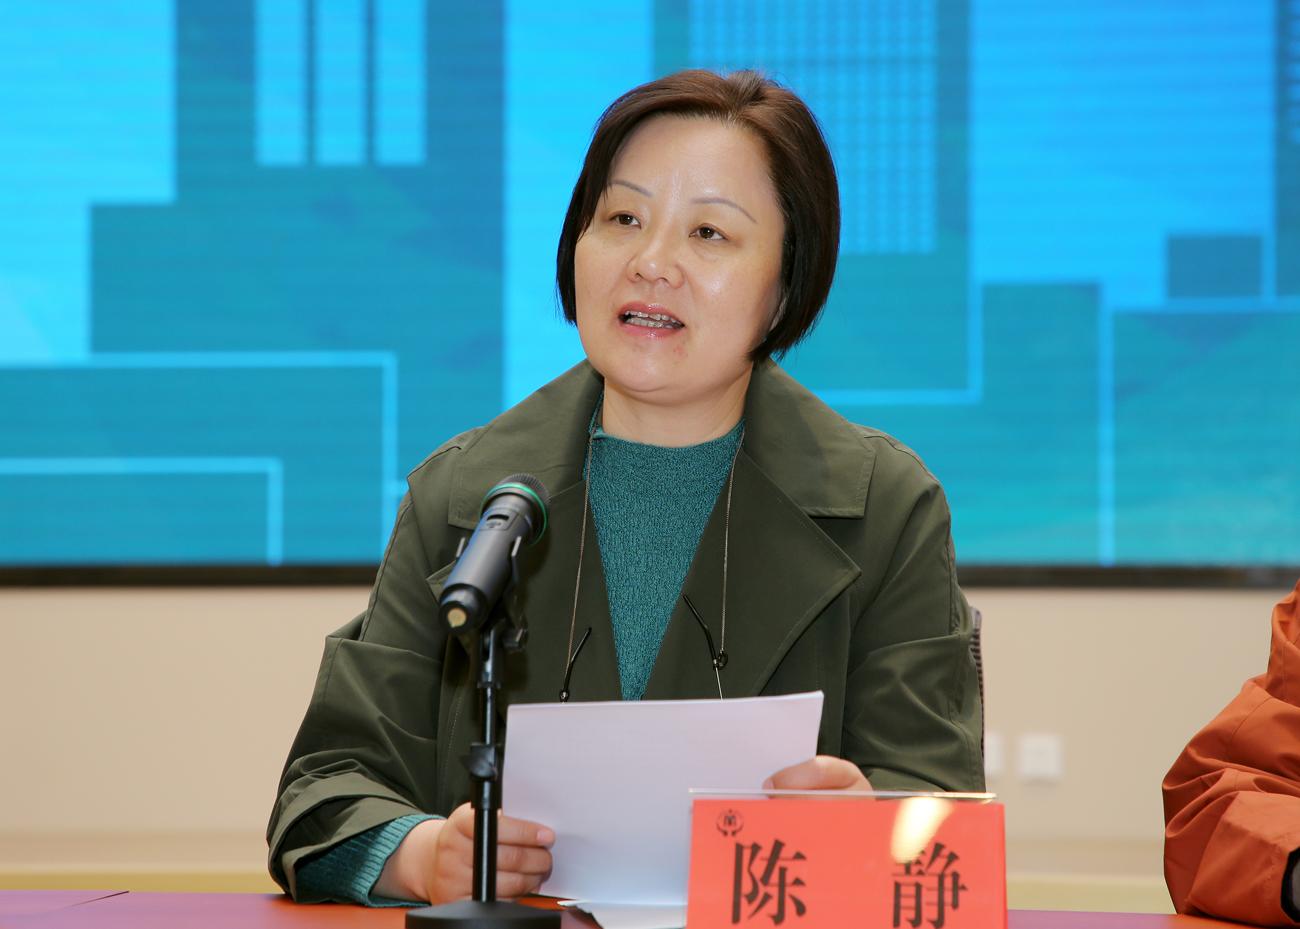 奉贤区民政局局长陈静在发布会上公布奉贤最新养老服务统计数据。